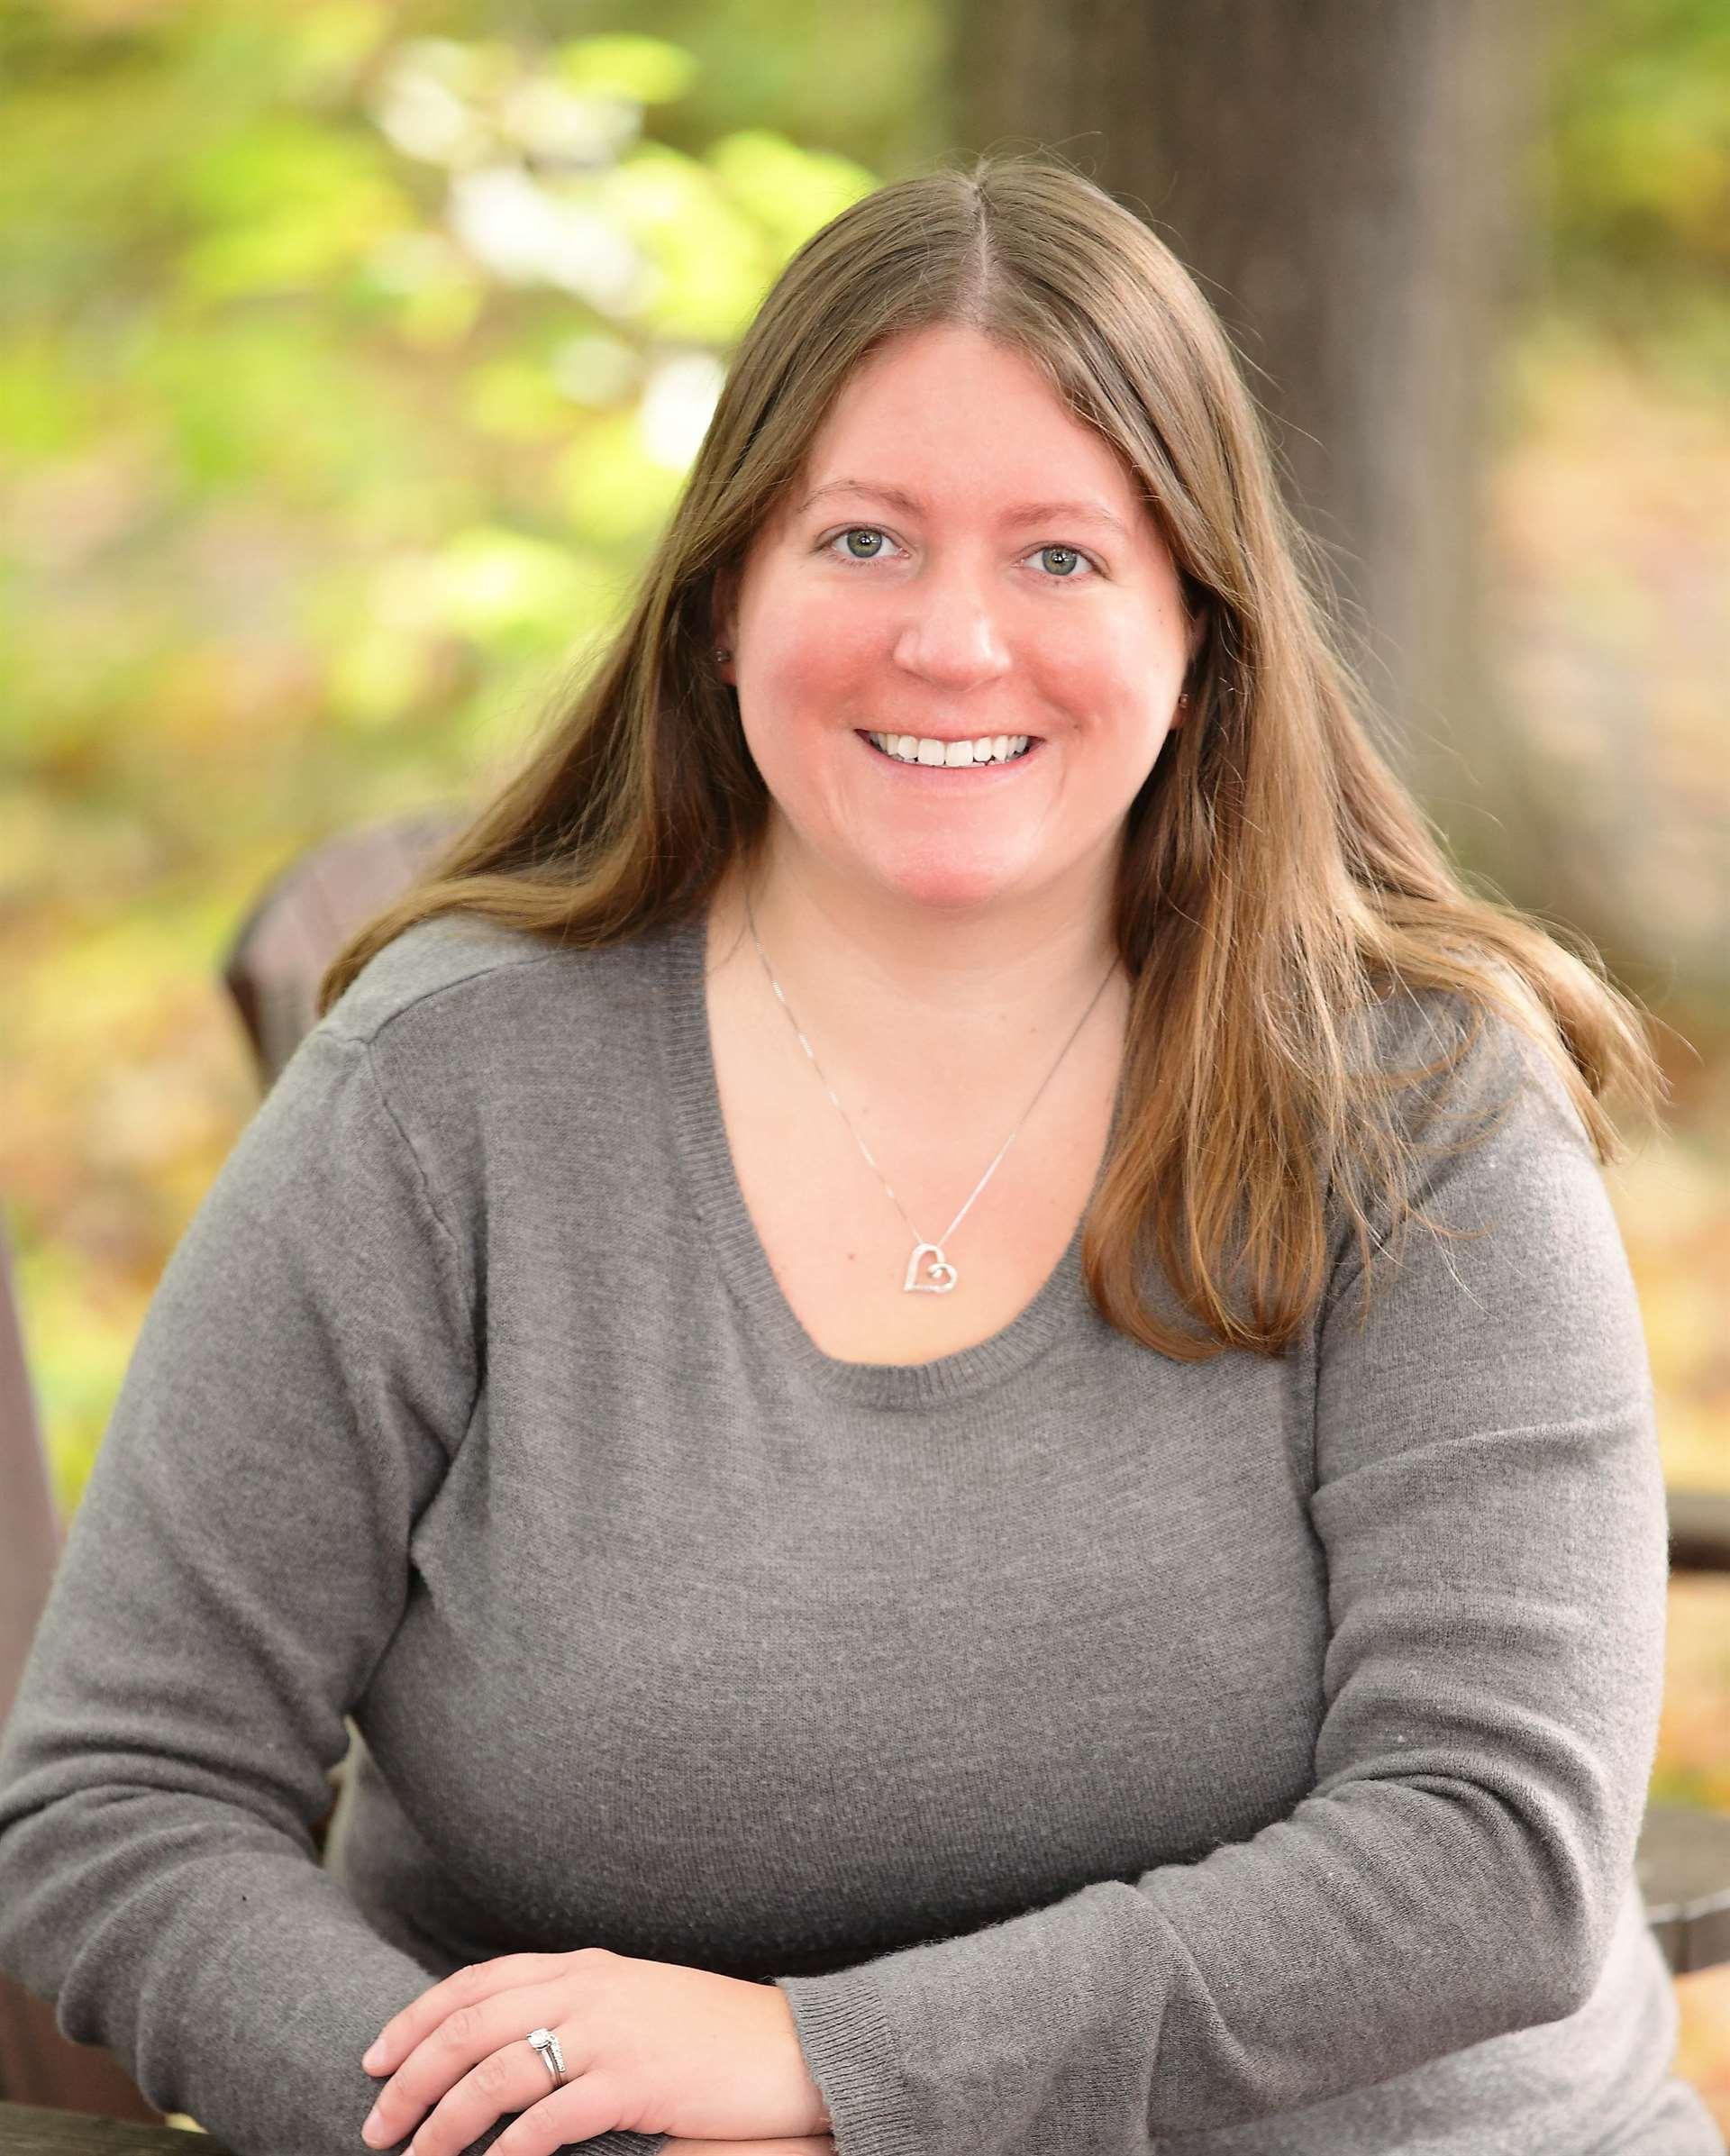 Jessica Davie